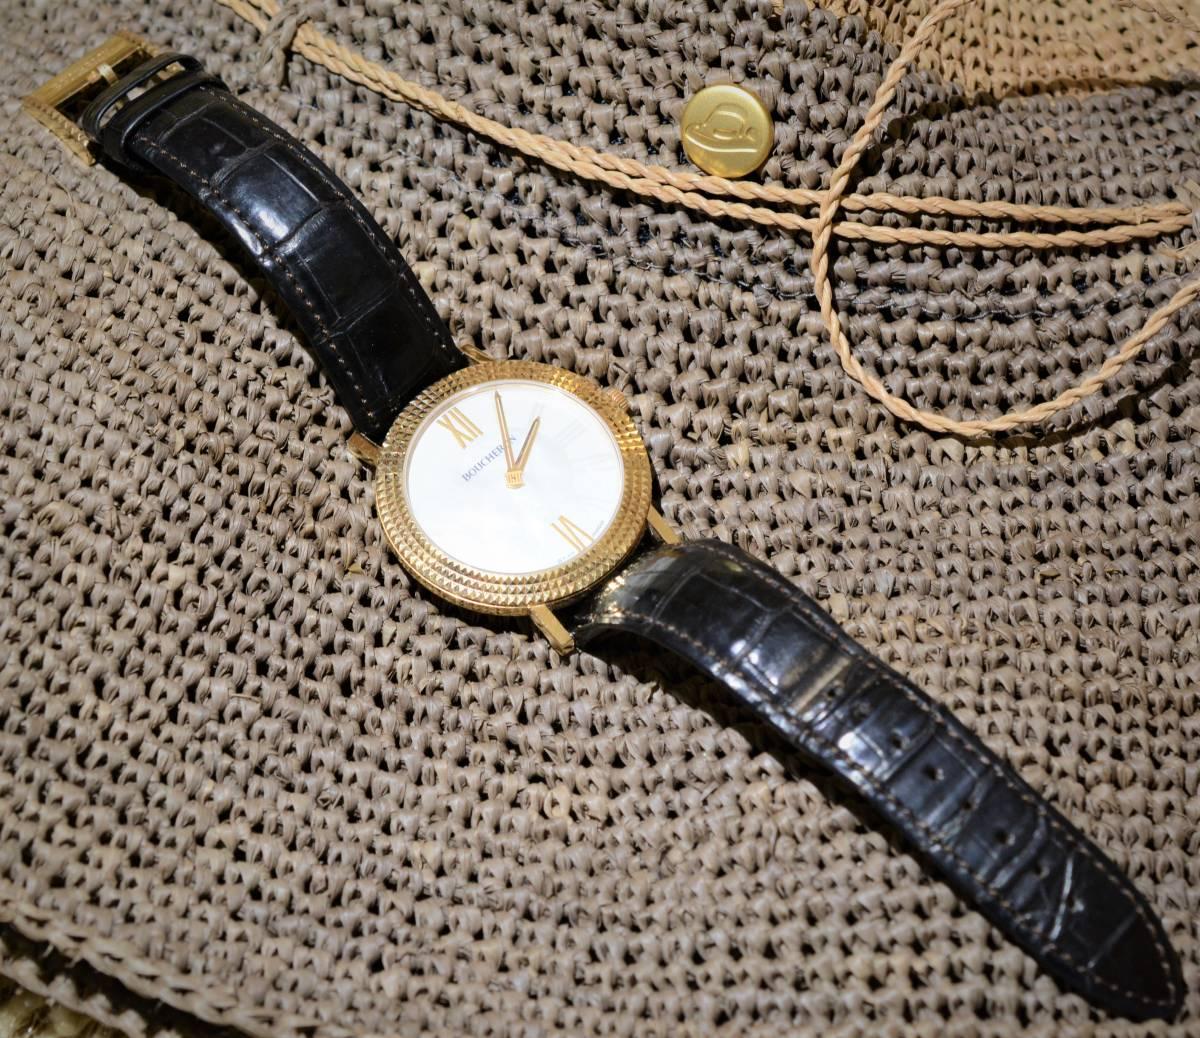 ブシュロン BOUCHERON ロンド ディアマン ゴールド 金無垢 ゴールド 18K 時計 ウォッチ シェル文字盤_画像2